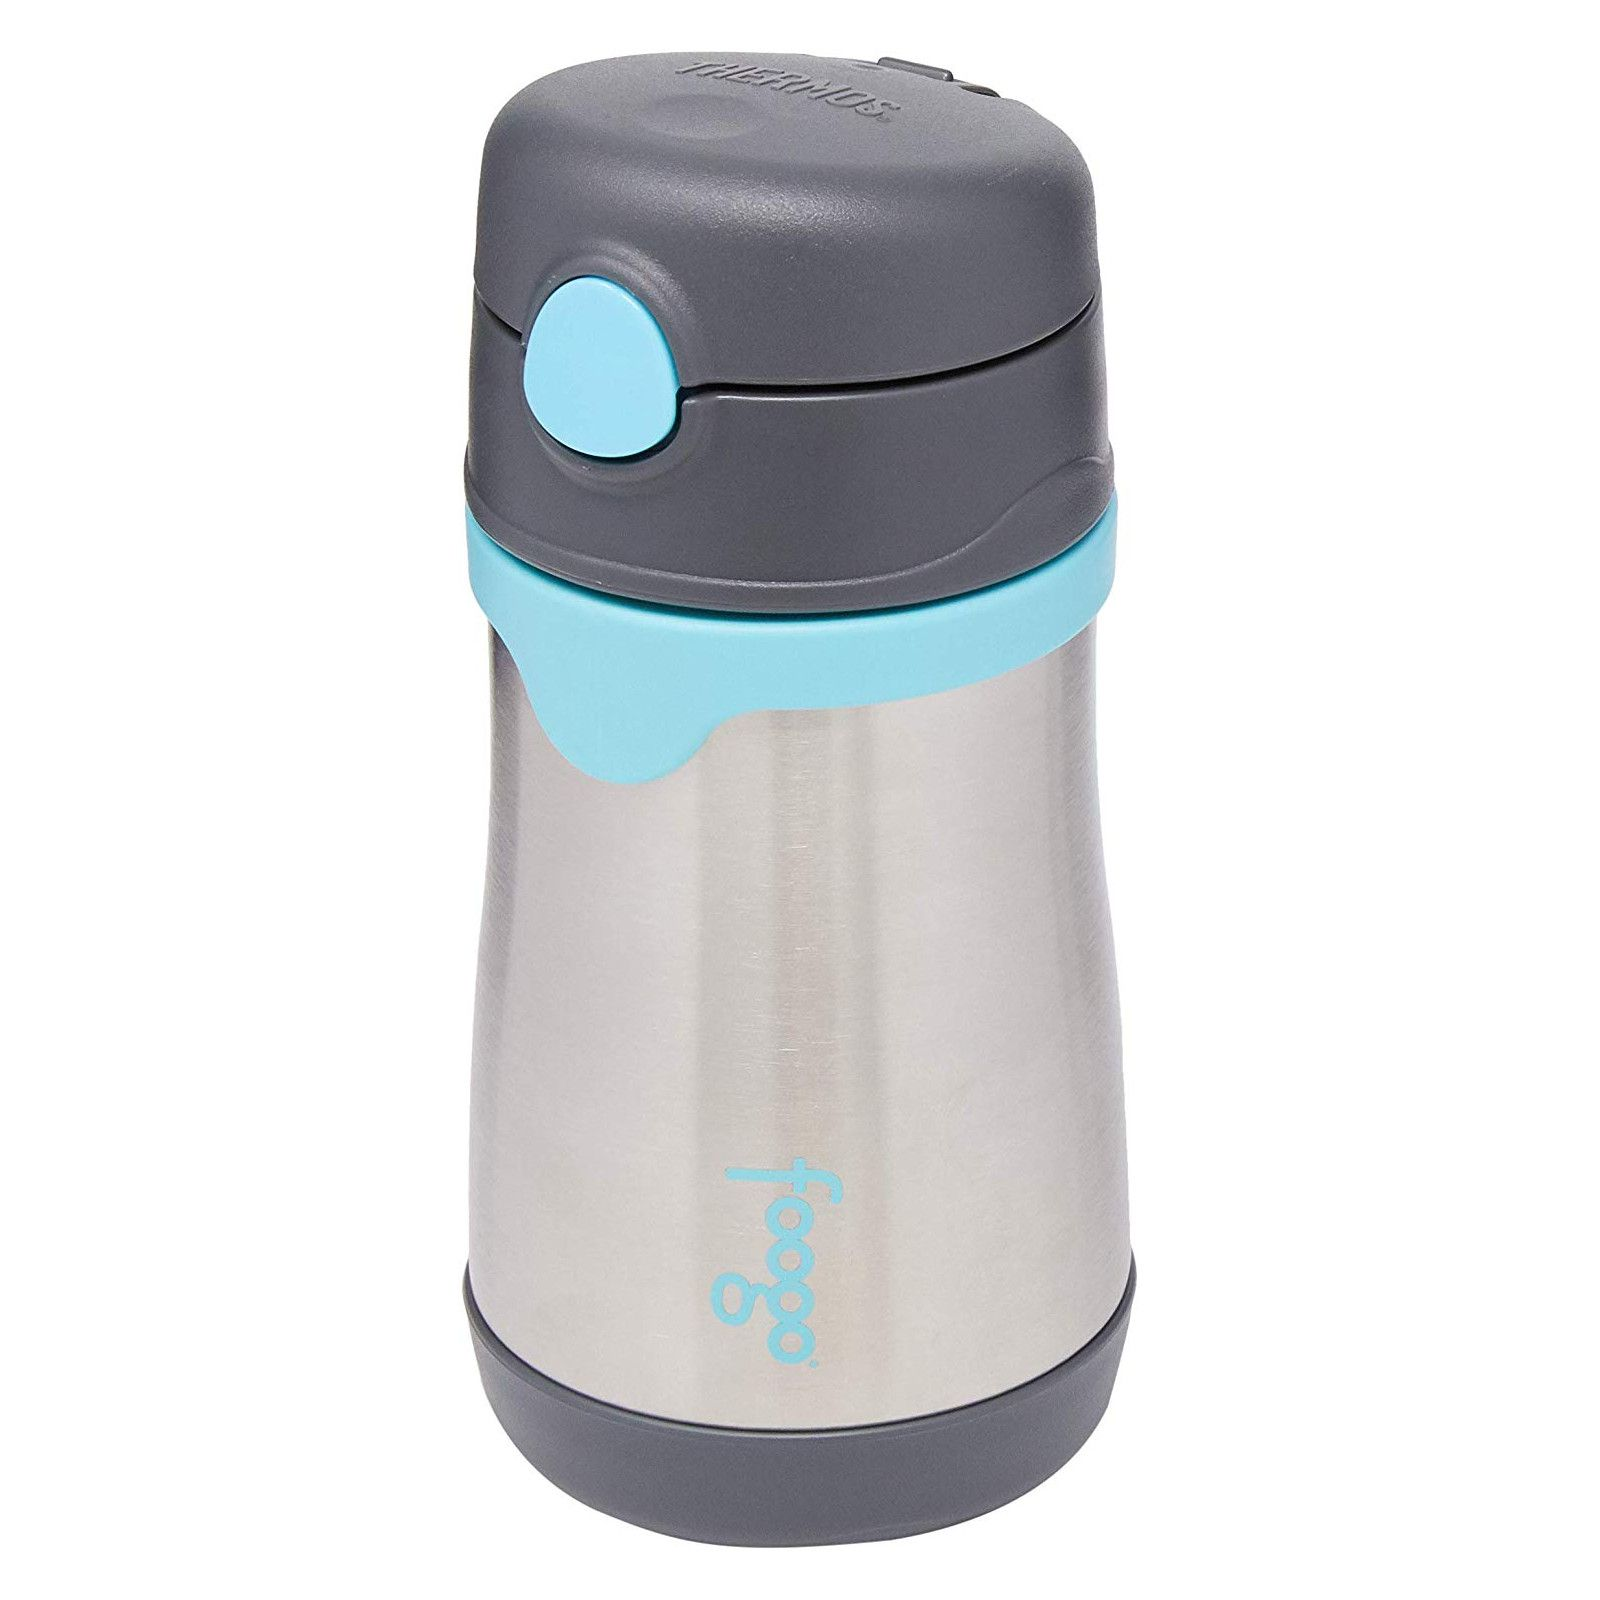 Garrafinha Térmica Foogo 290 ml Cinza e Azul Thermos